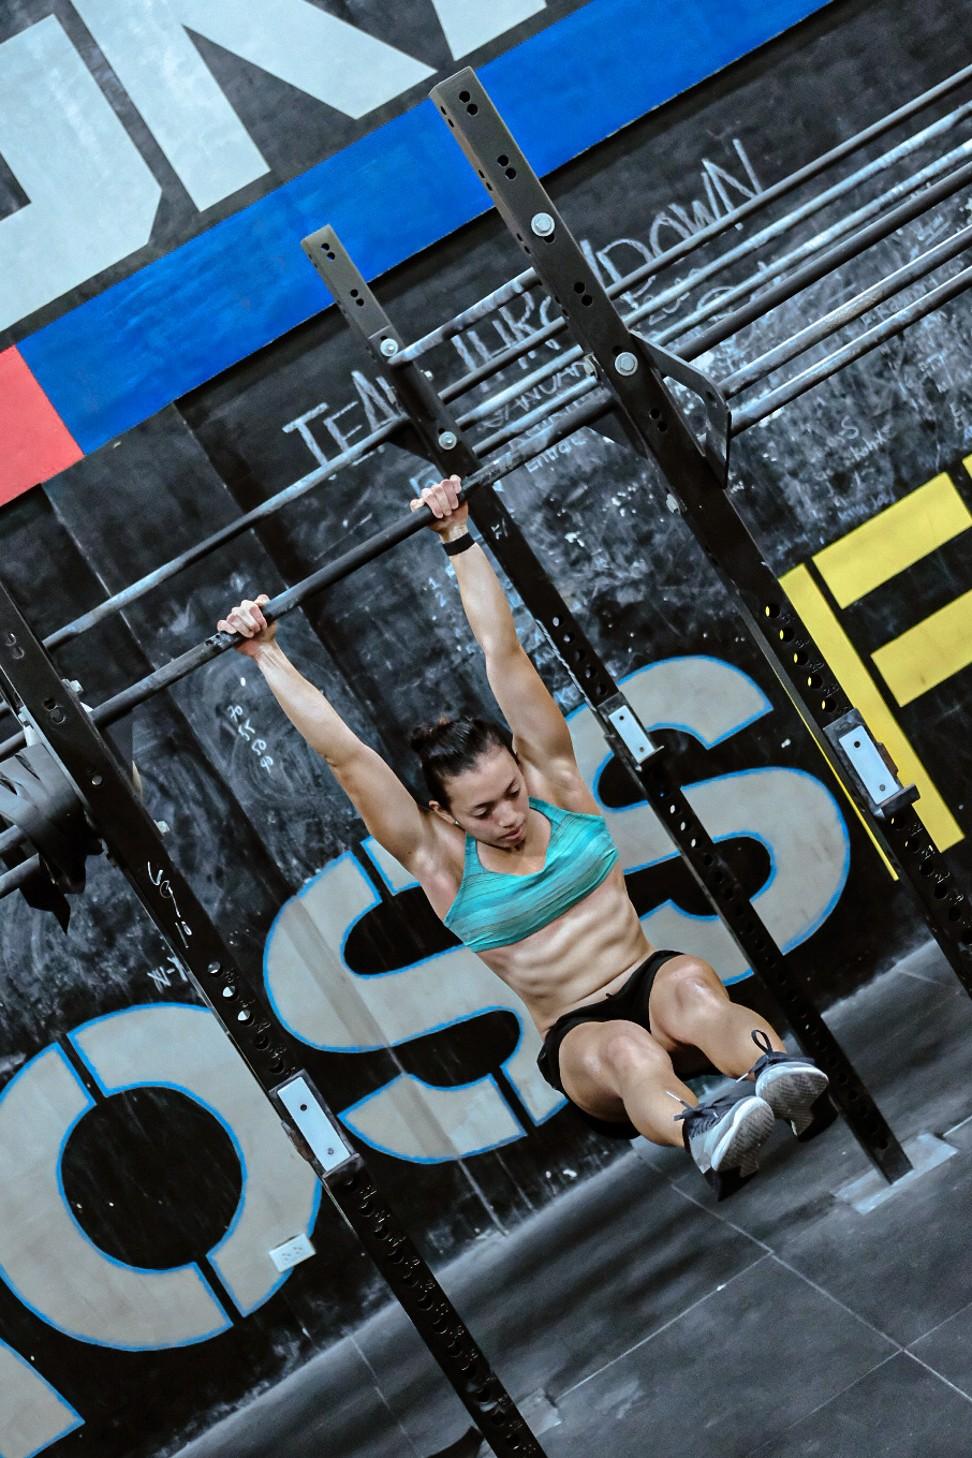 Liwanag said she is a tough coach when teaching CrossFit. Photo: Handout